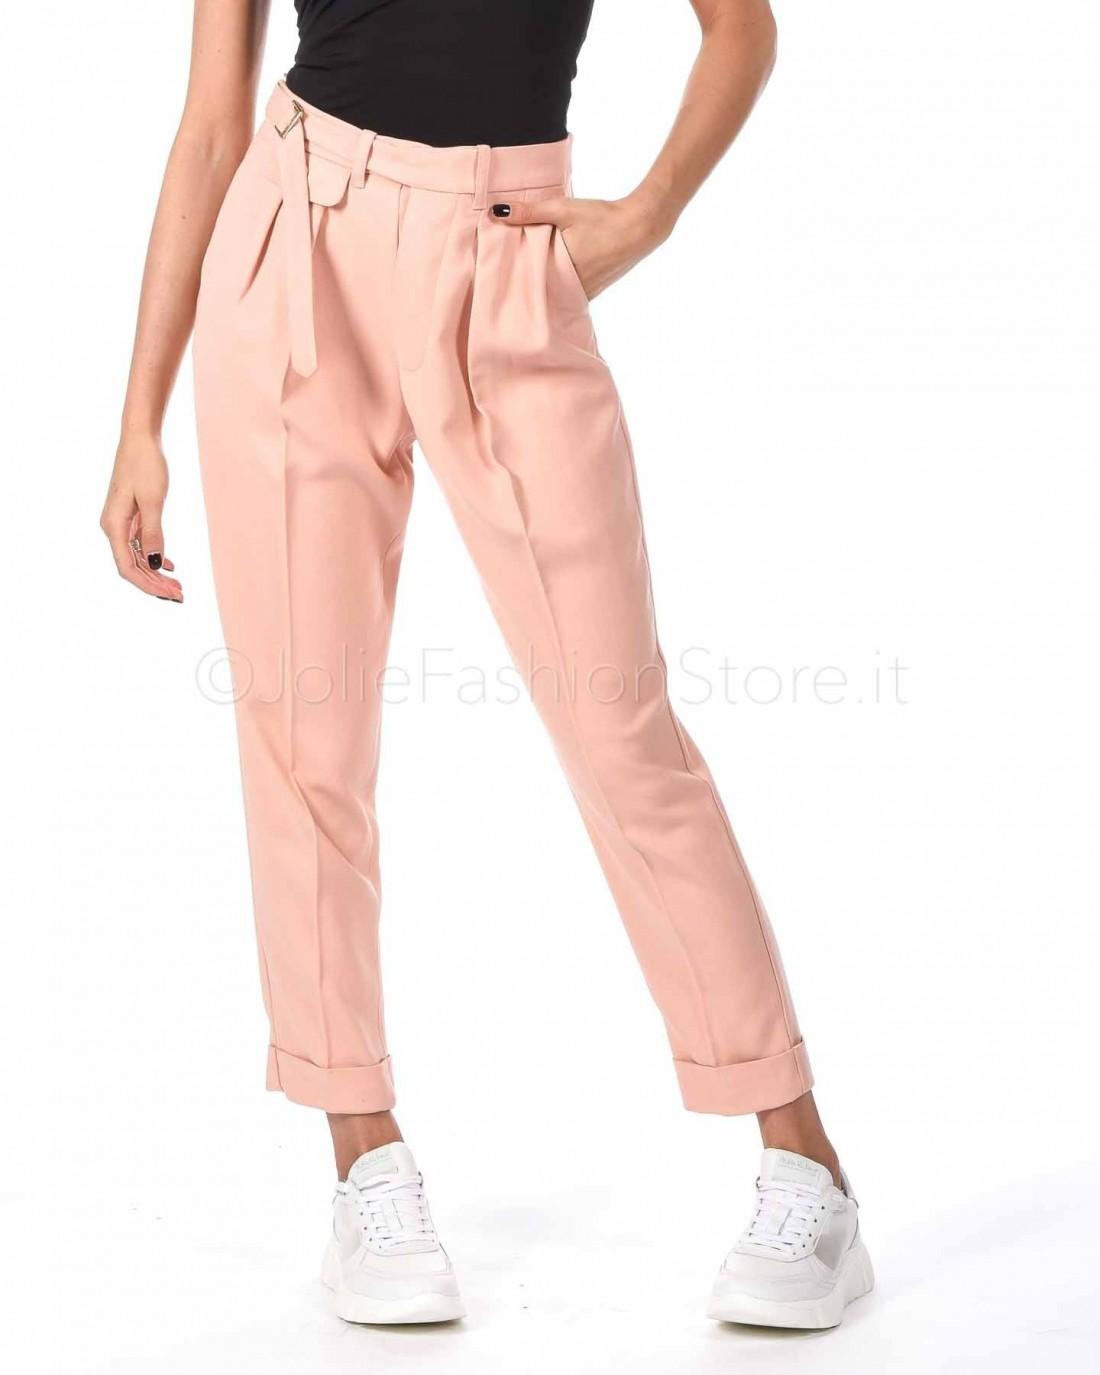 Elisabetta Franchi Pantalone a Sigaretta Rosa con Cintura  PA28296E2-153